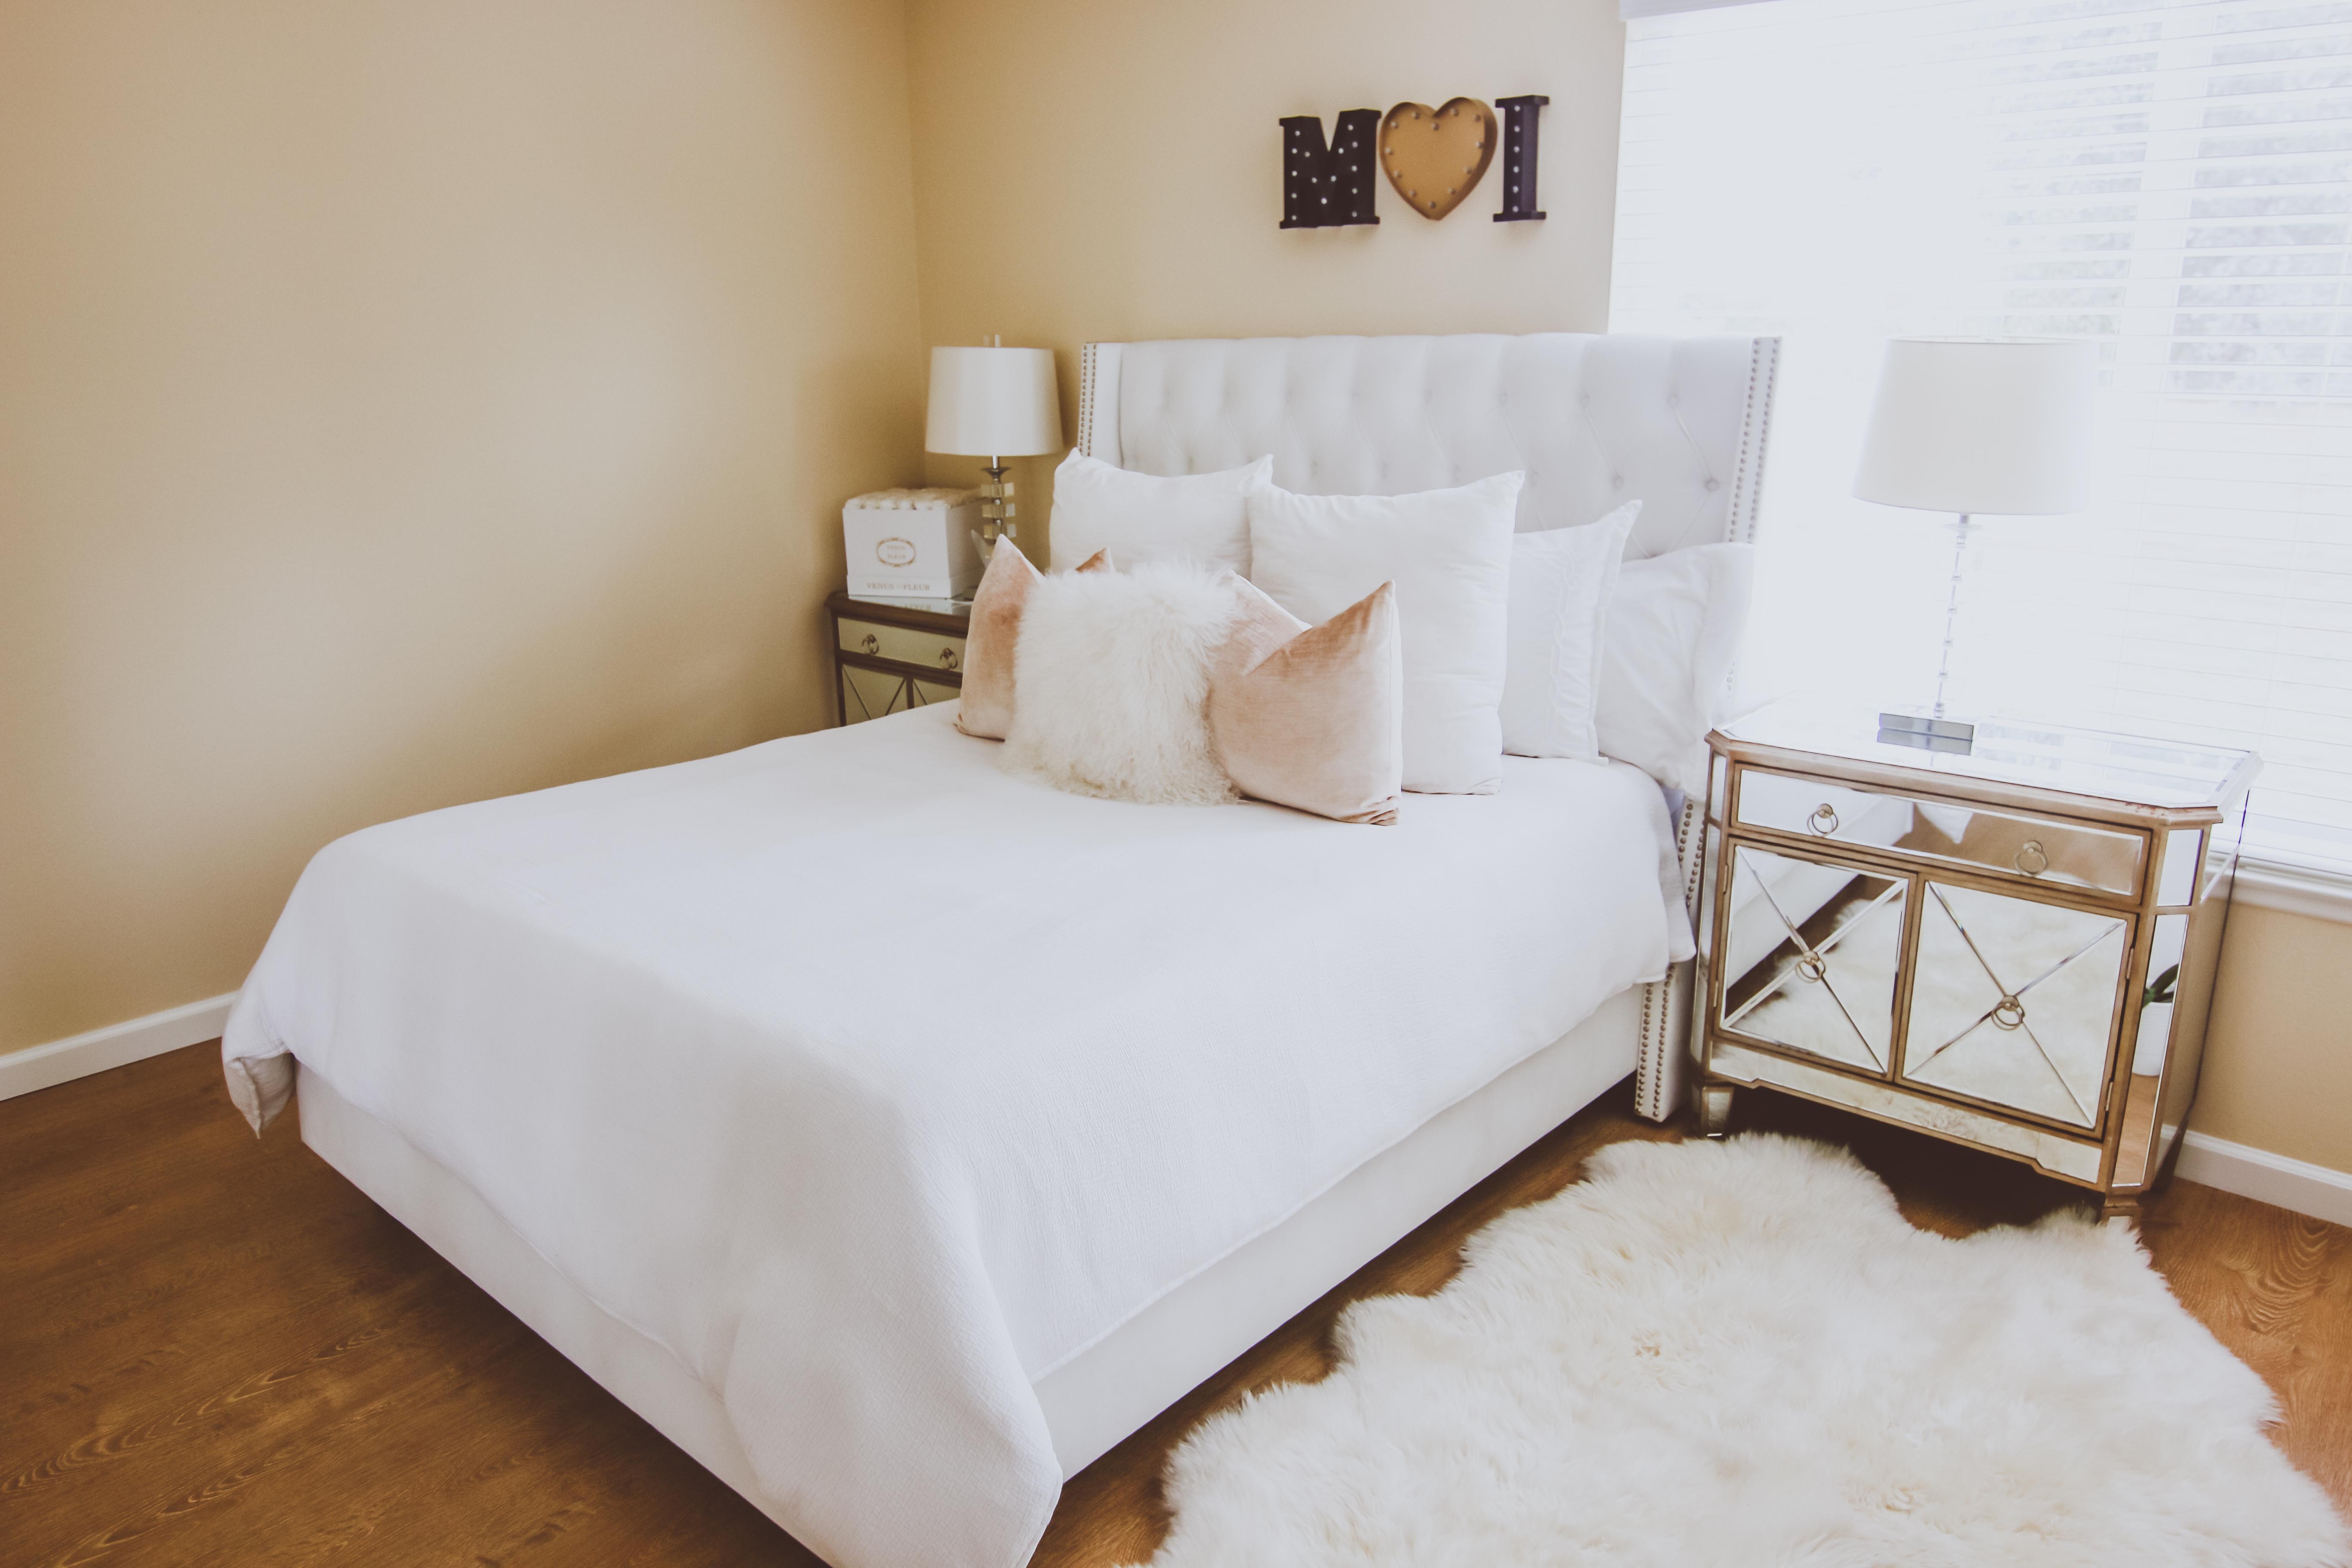 Glam White Velvet & Fur Master Bedroom | BondGirlGlam.com